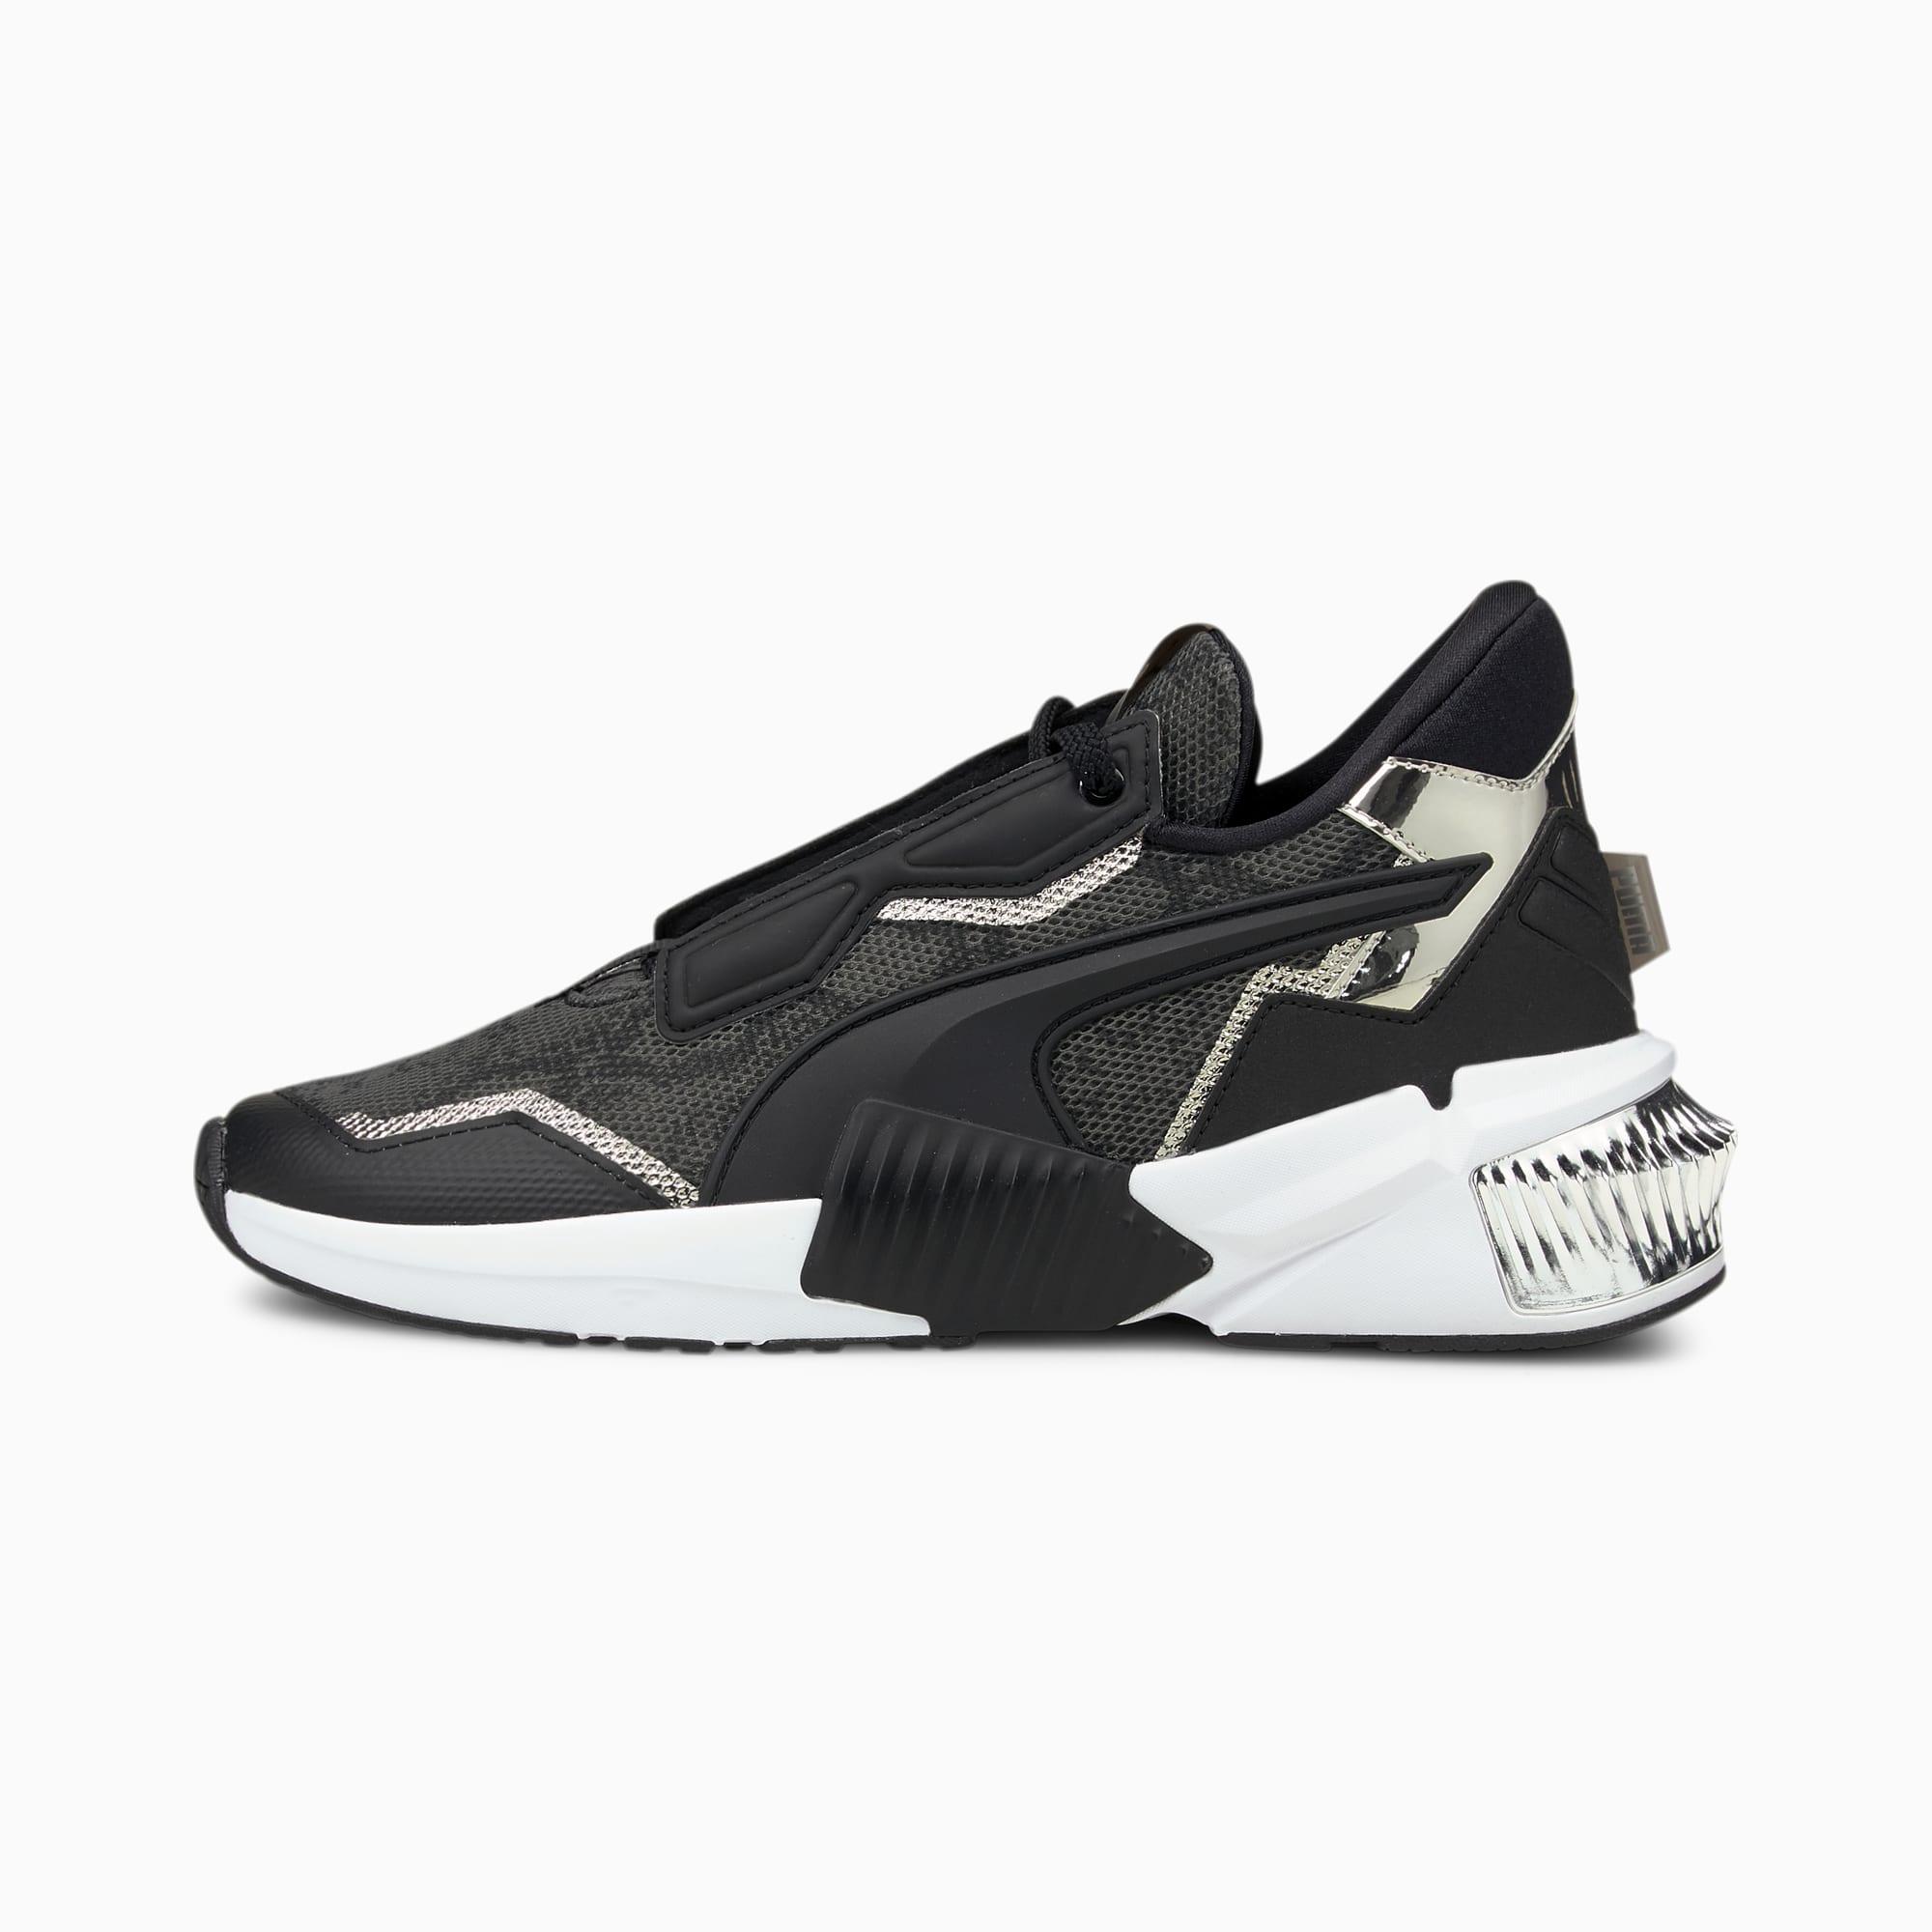 PUMA Chaussures de sport Provoke XT Untamed femme, Noir/Argent, Taille 42, Chaussures